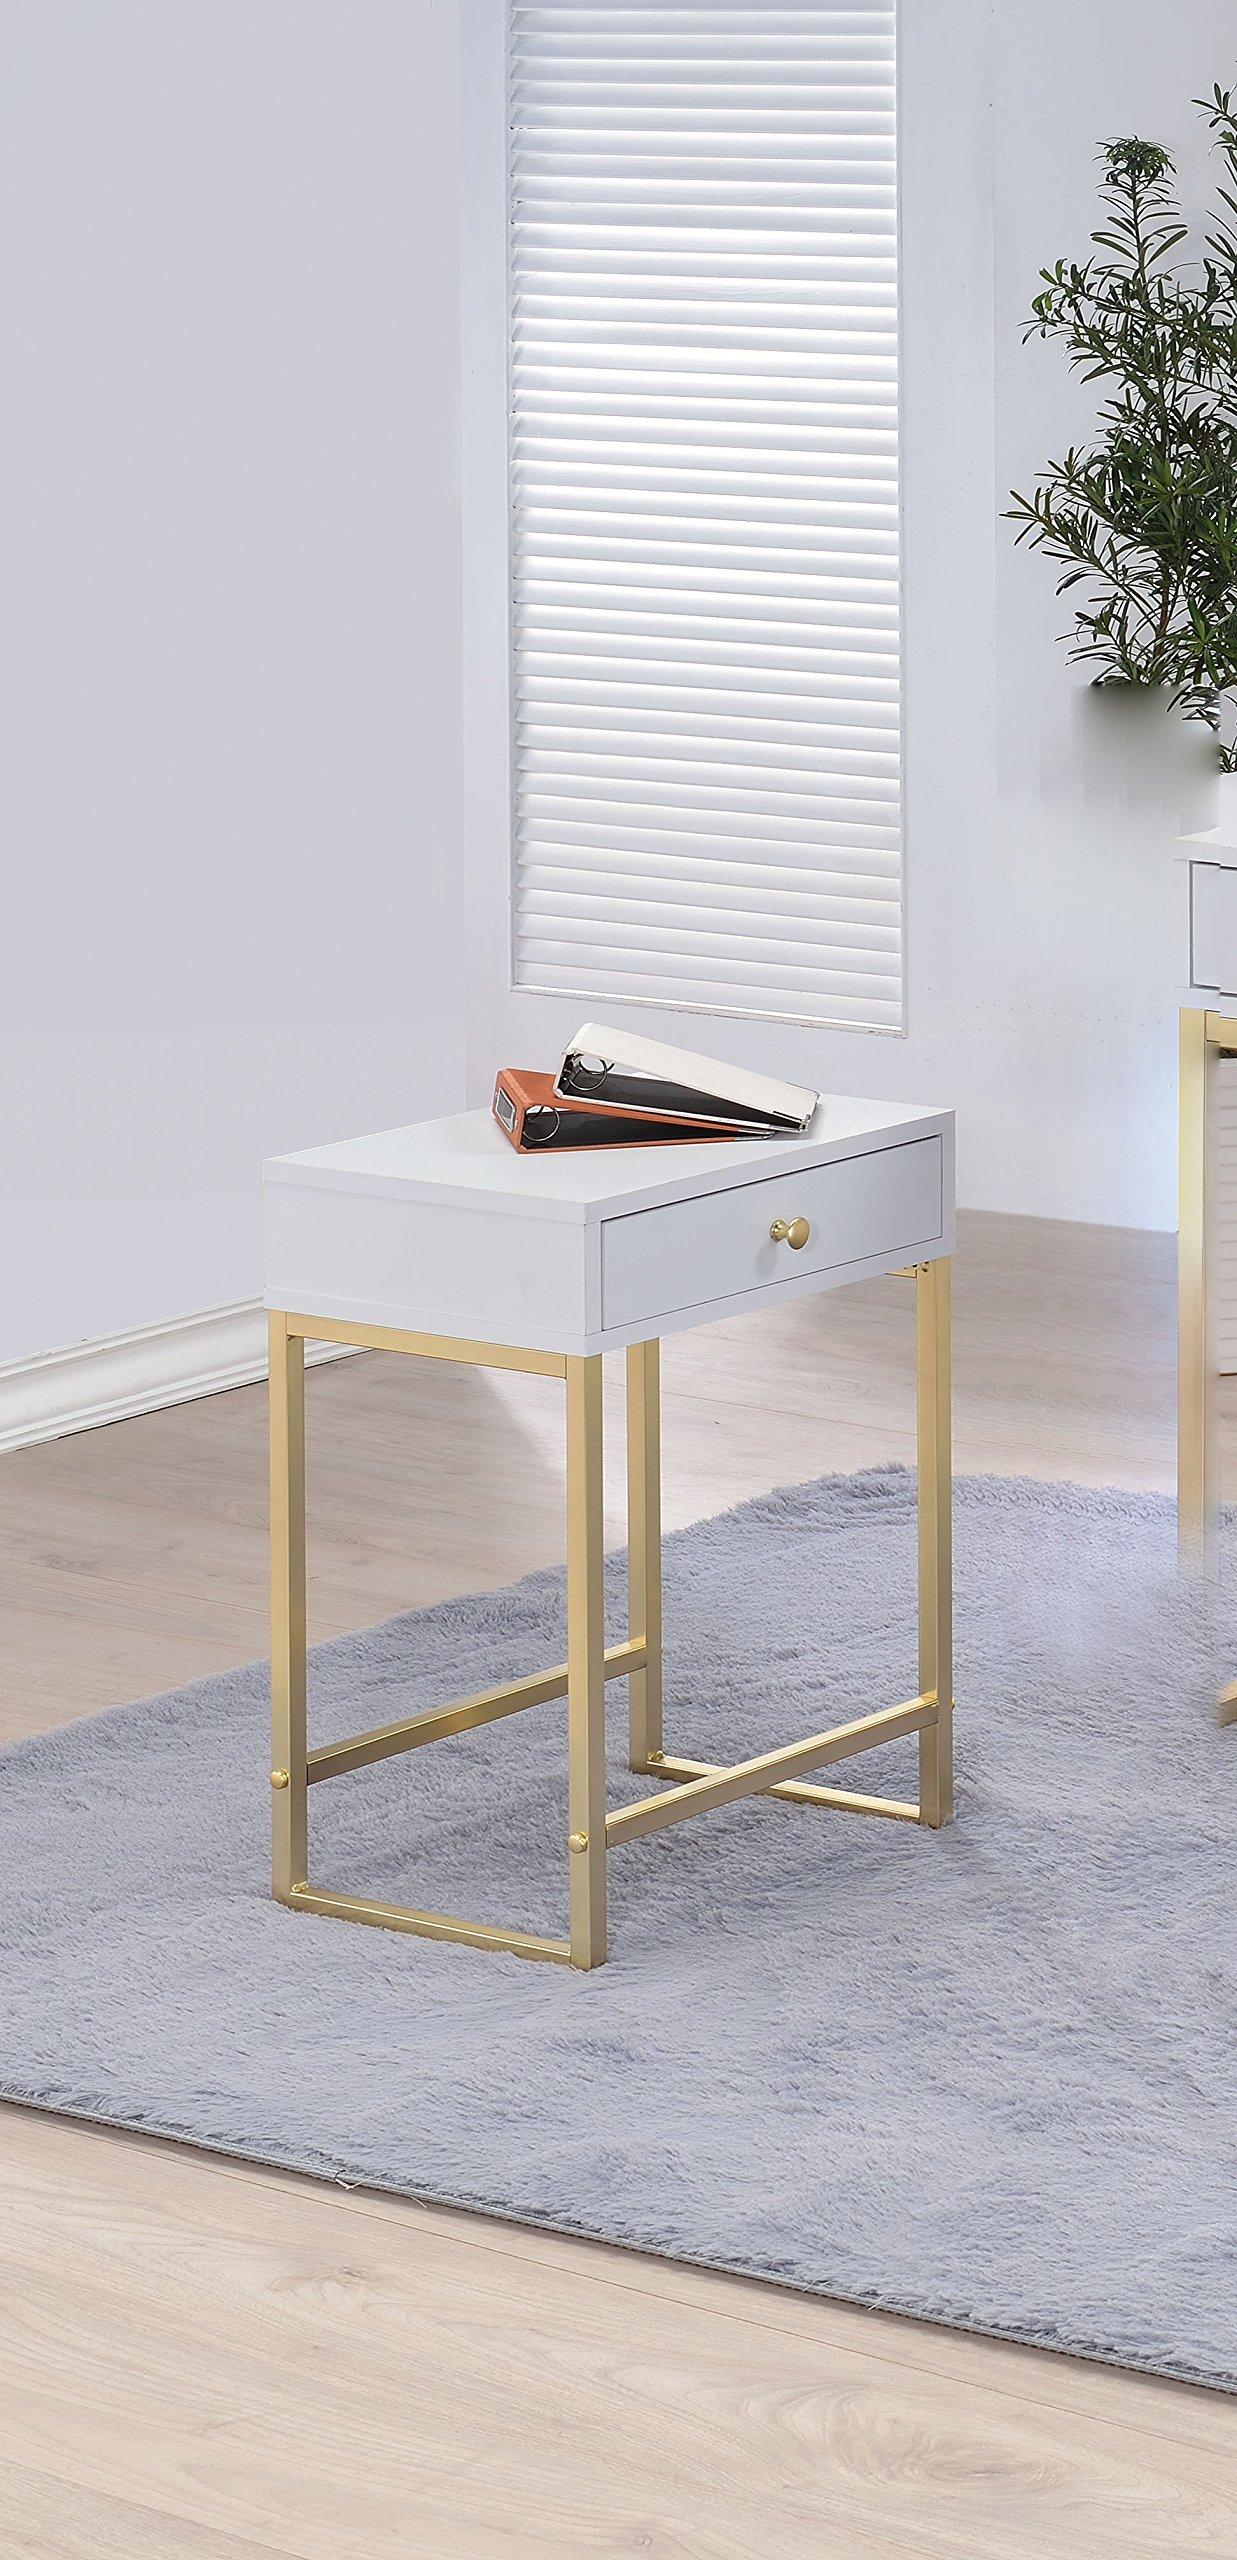 HomeRoots Furniture 286068-OT Homeroots Tables, Multicolor